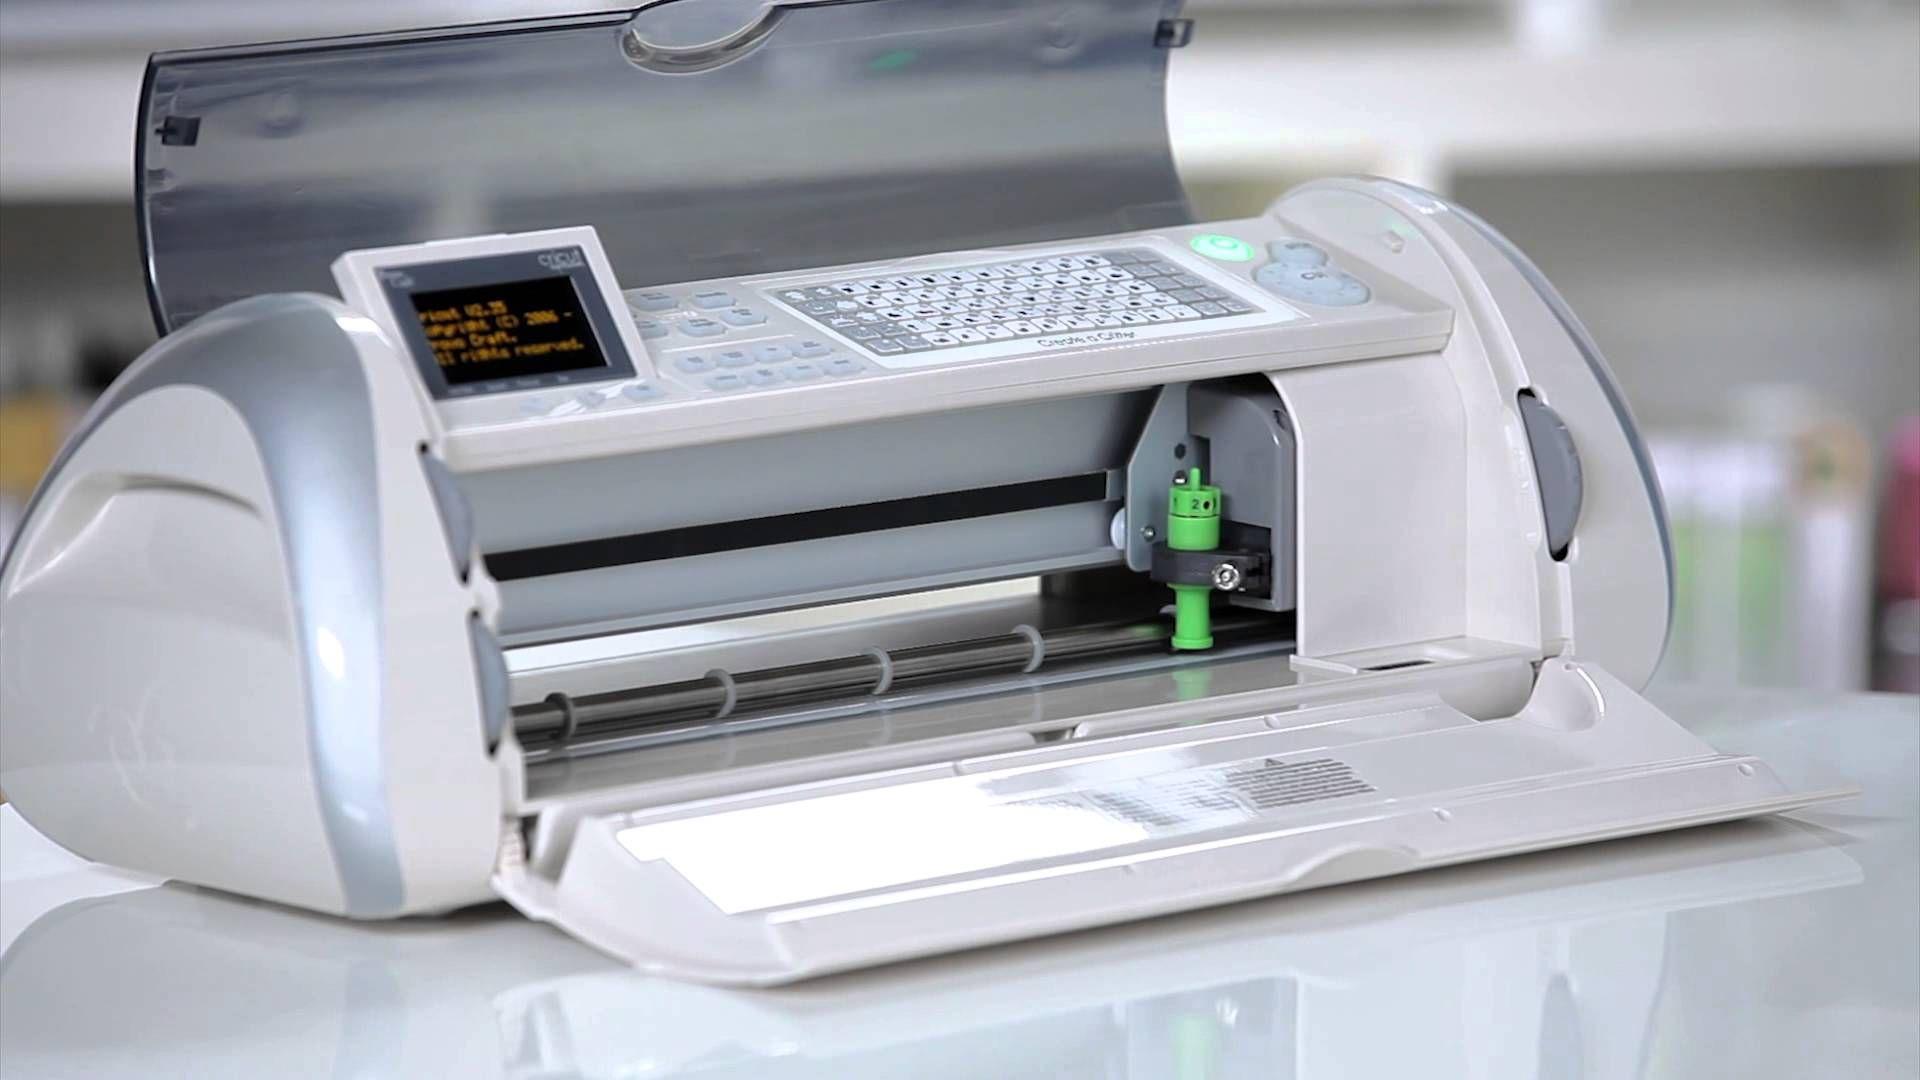 39++ Die cutting machine for paper crafts information